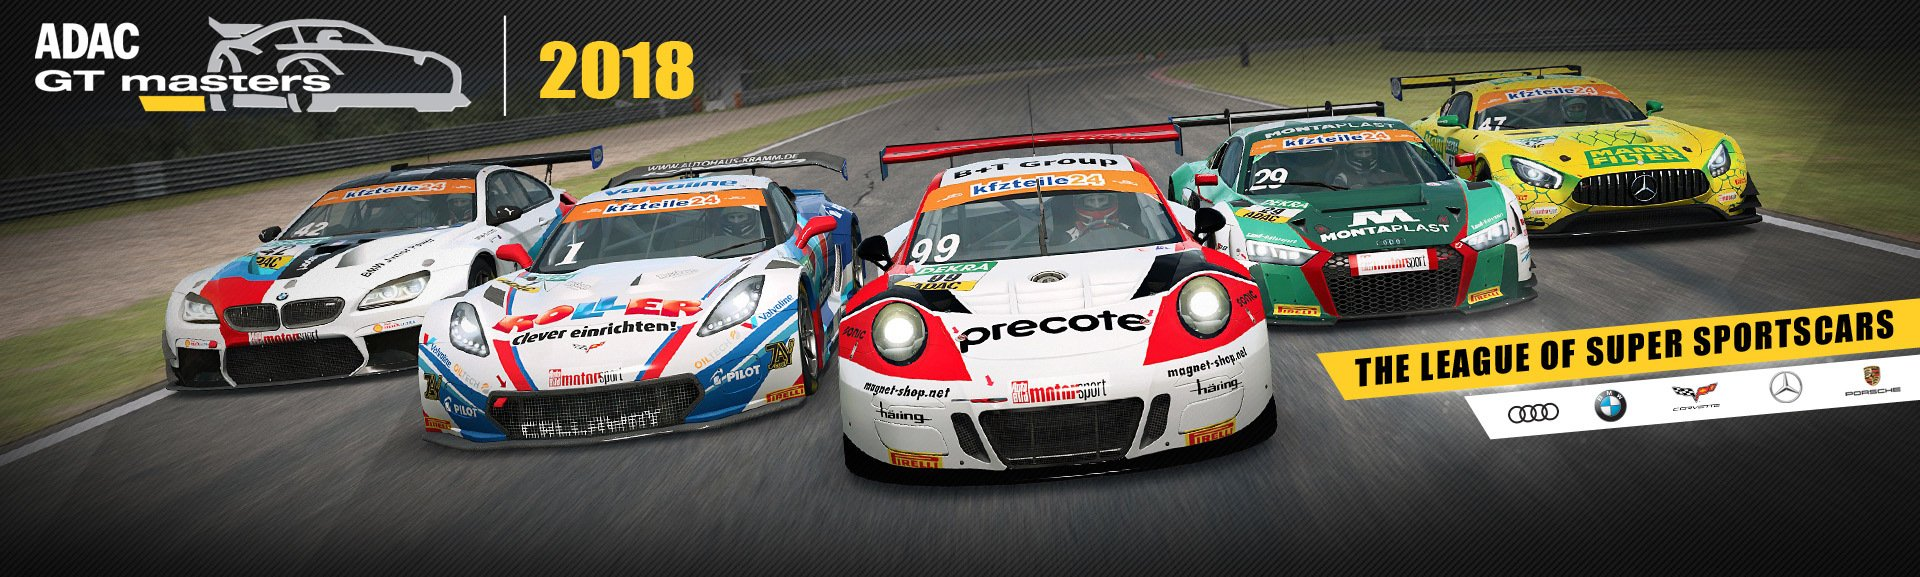 RaceRoom 2018 ADAC GT Masters banner